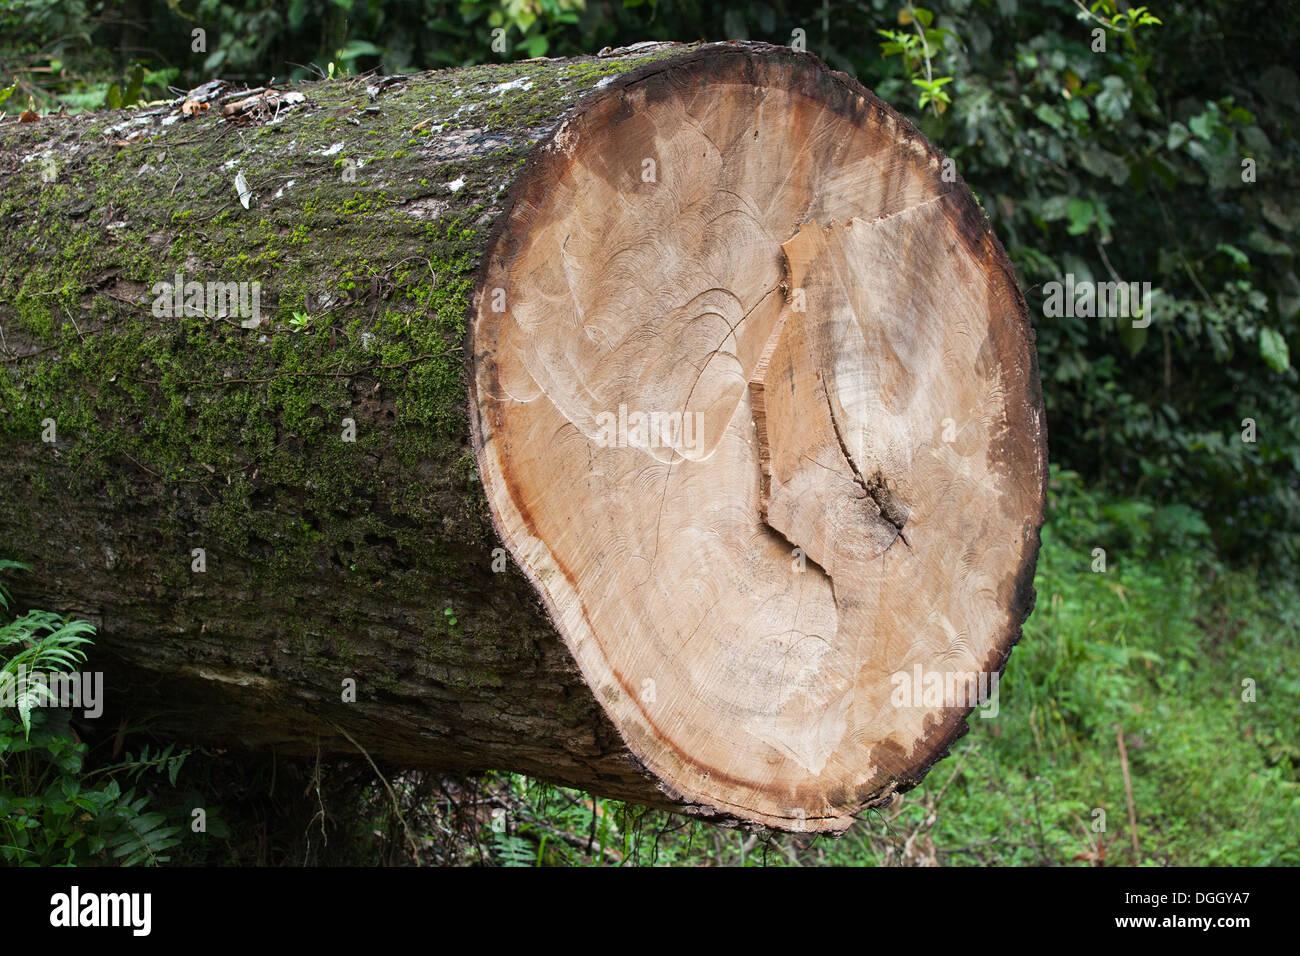 Tronco de árbol cortado en el bosque tropical de bajura Imagen De Stock